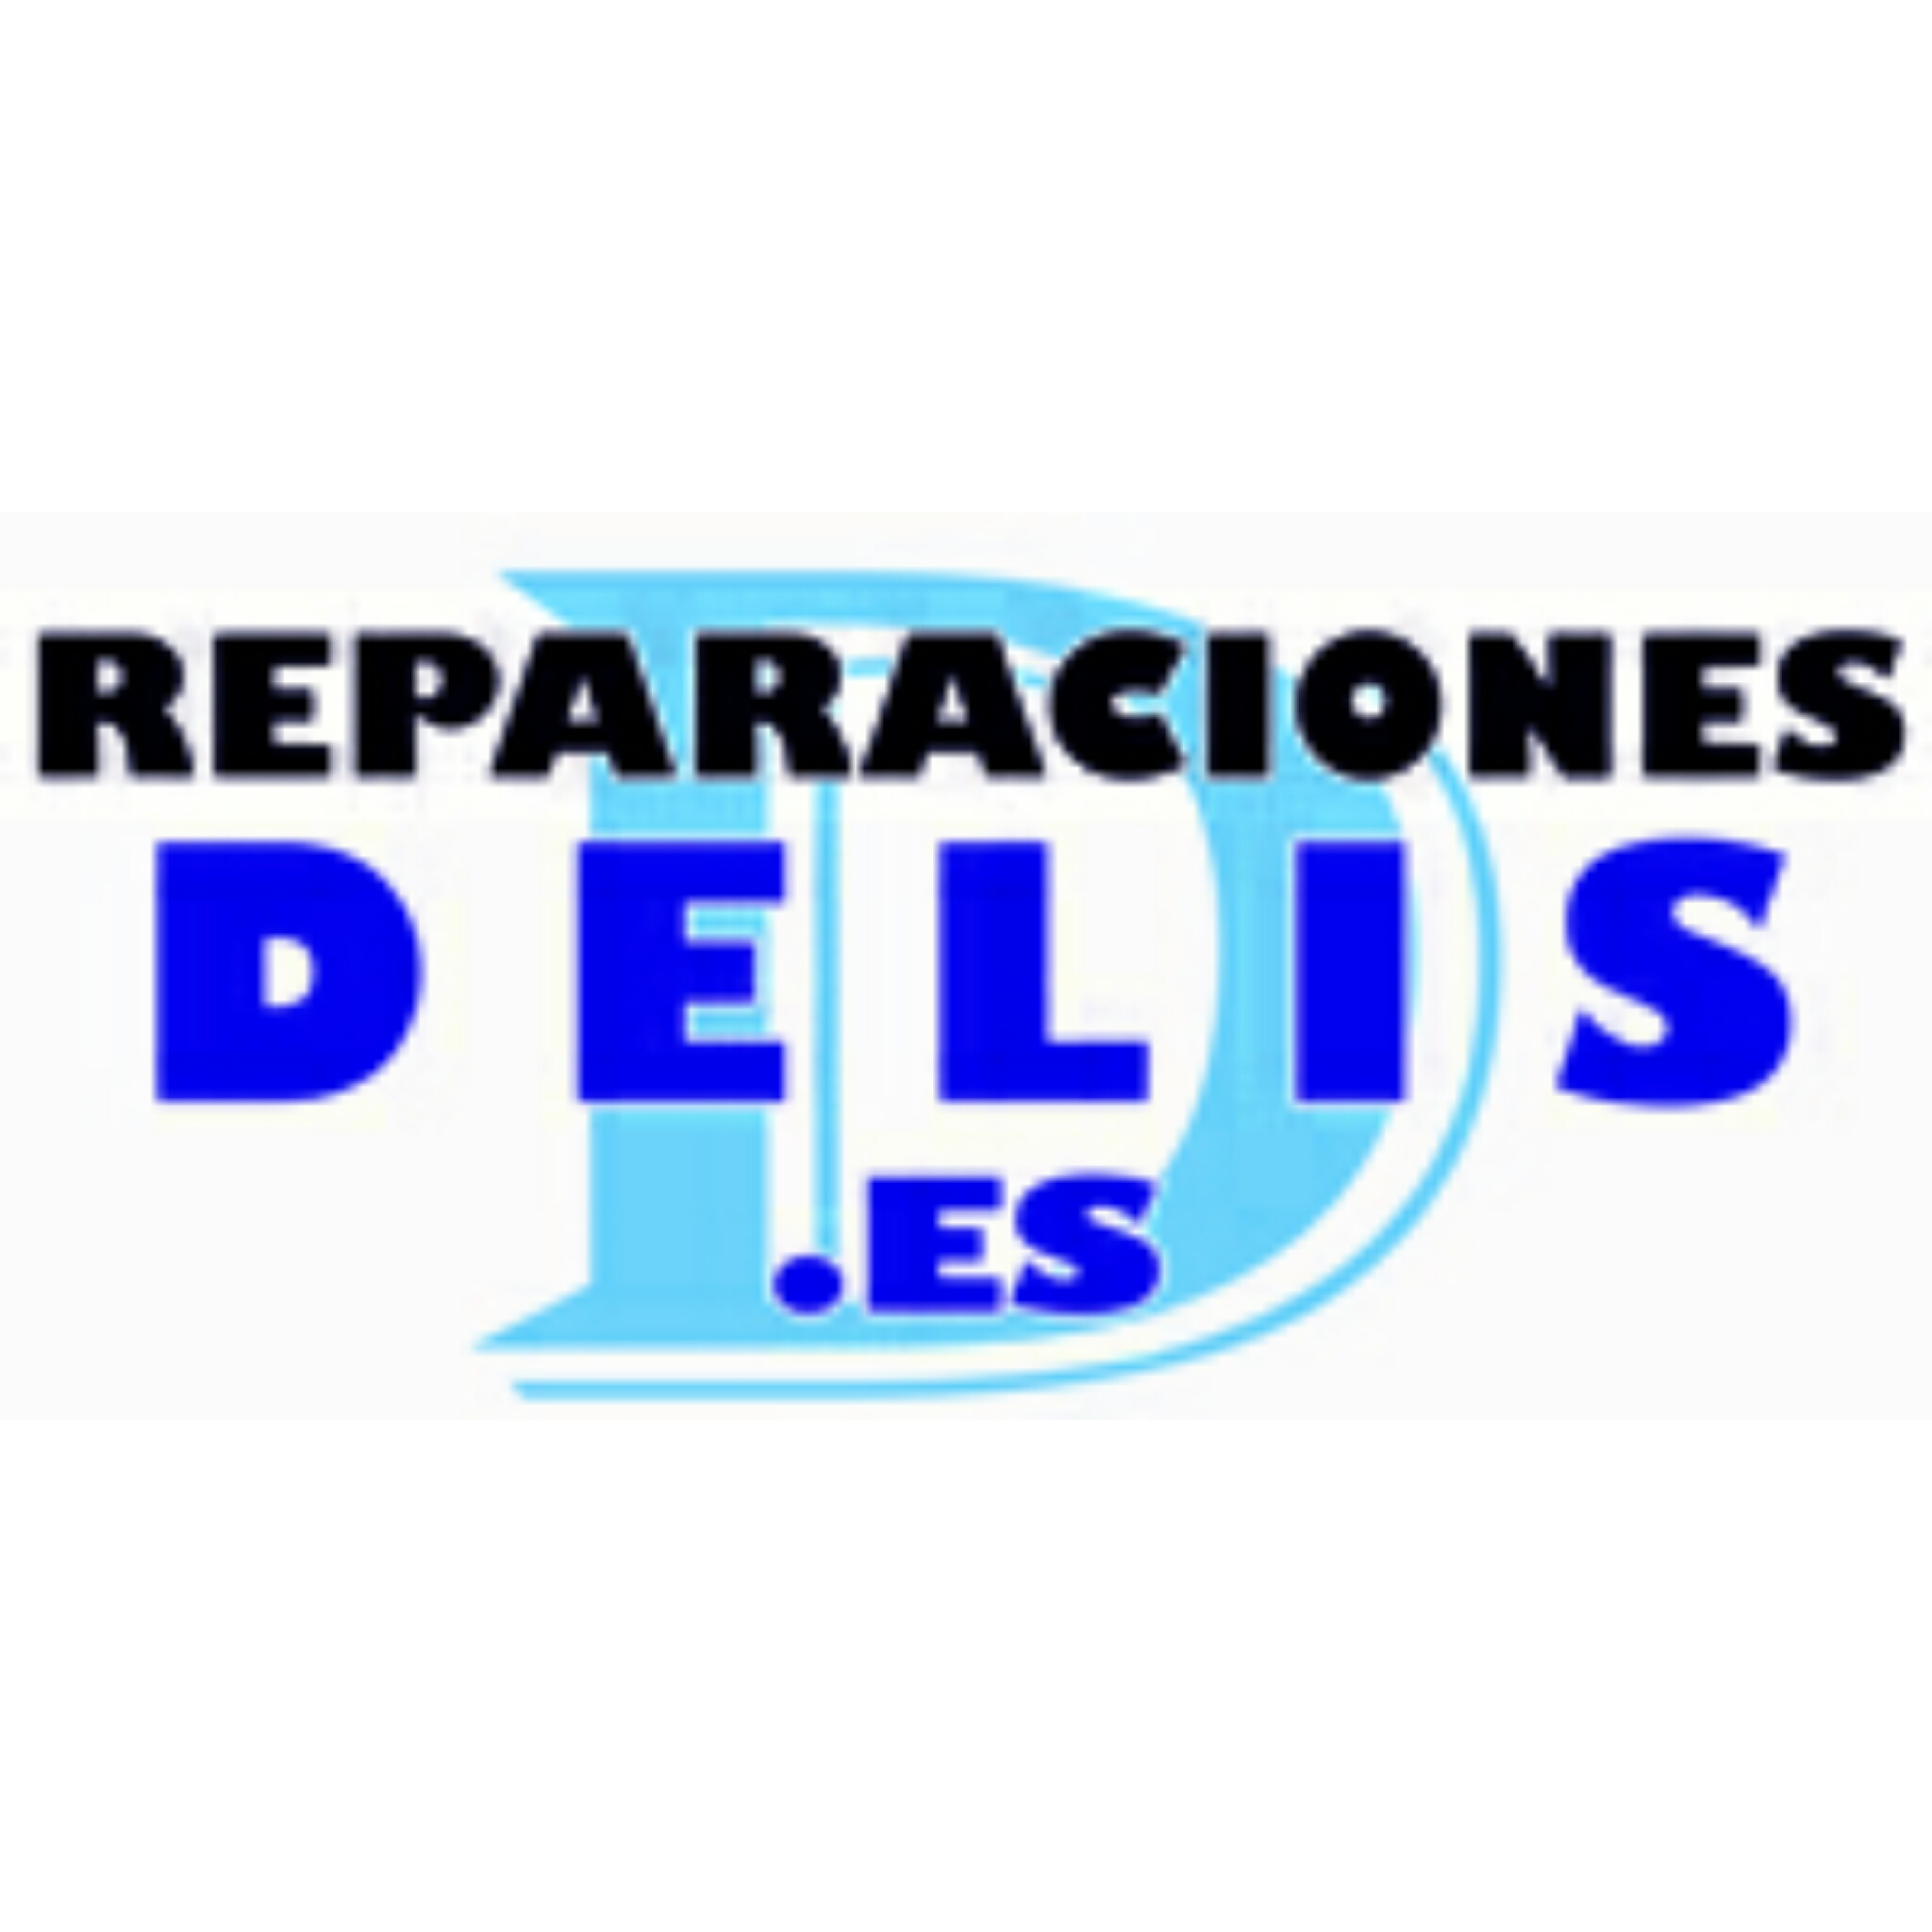 REPARACIONES DELIS